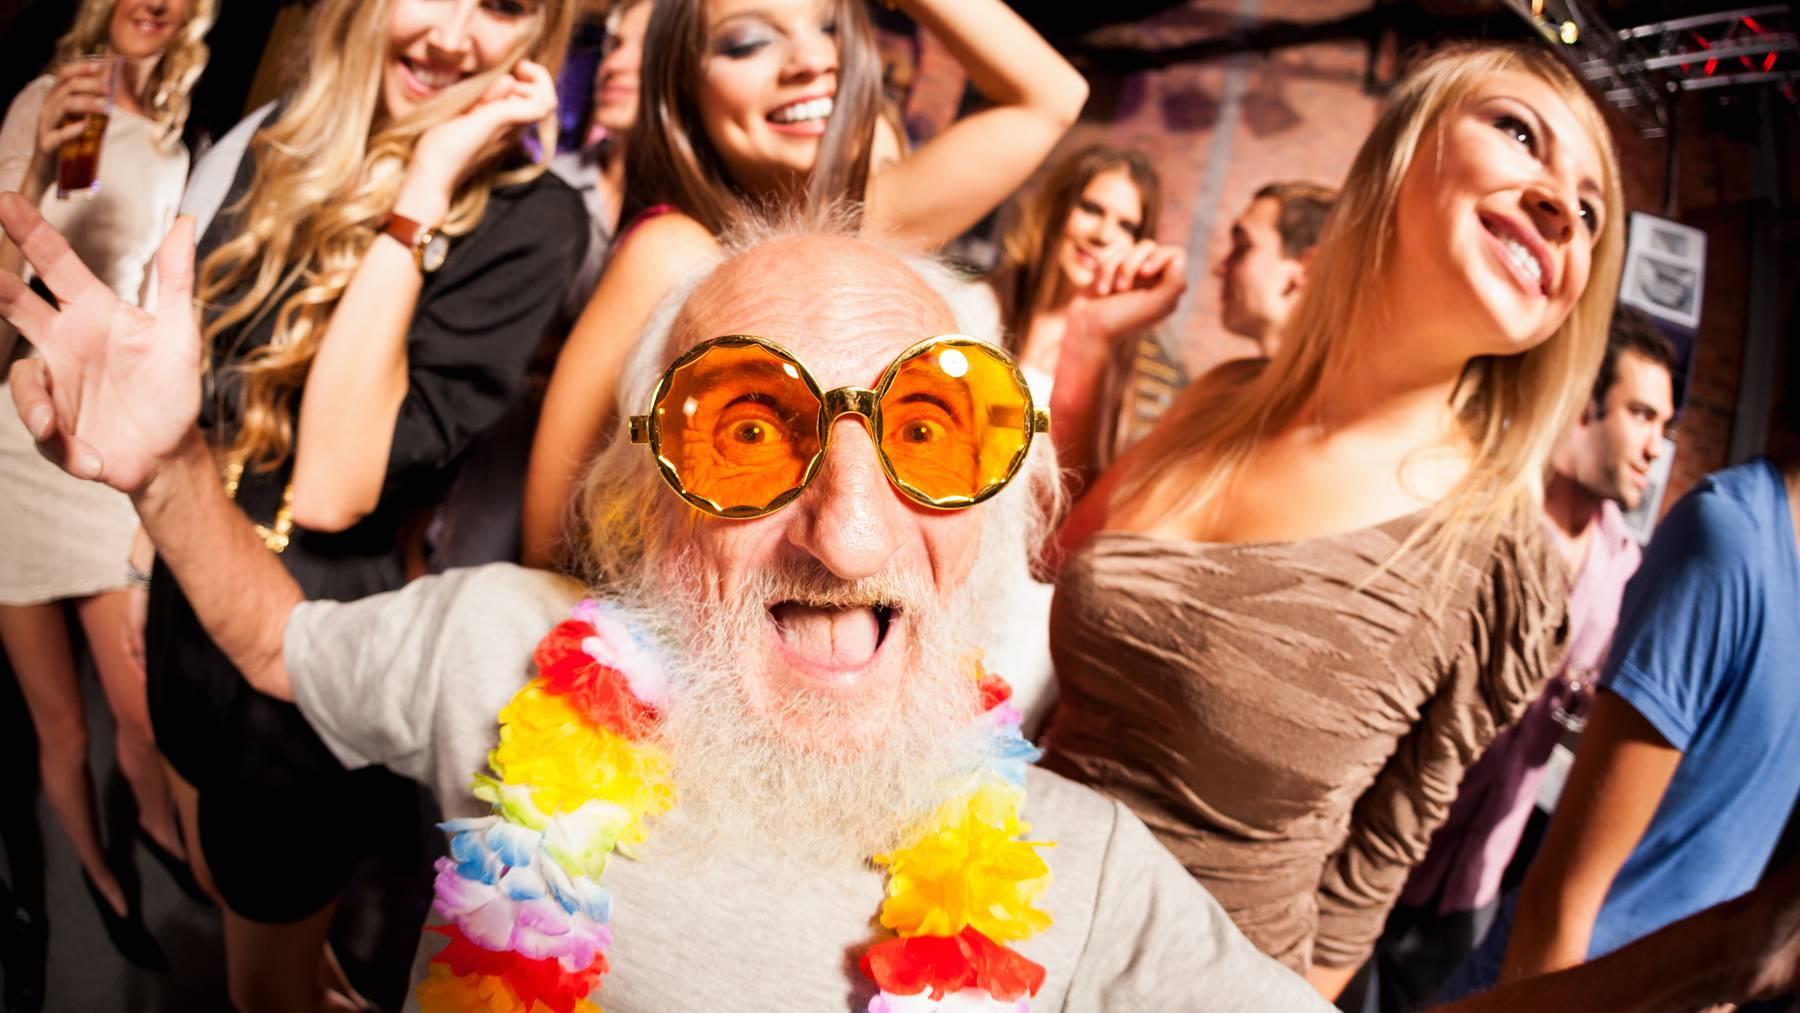 Statt einem illegalen Rave fanden die Beamten nur viele Rentner vor, die für eine Covid-Impfung anstanden. (Symbolbild)